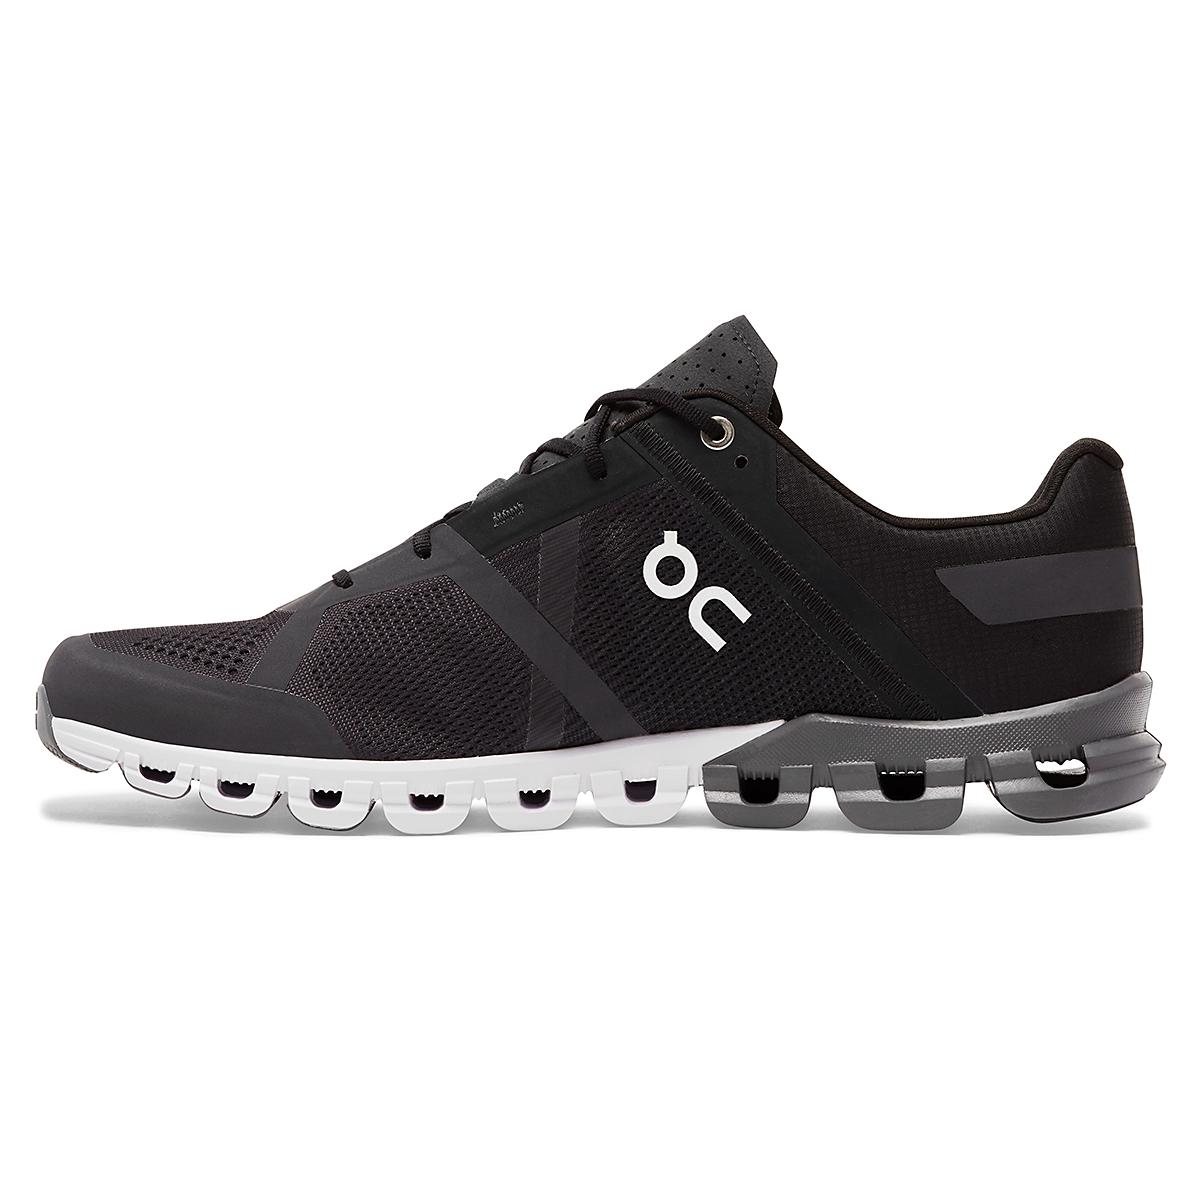 Men's On Cloudflow 2.0 Running Shoe - Color: Black/Asphalt - Size: 7 - Width: Regular, Black/Asphalt, large, image 2